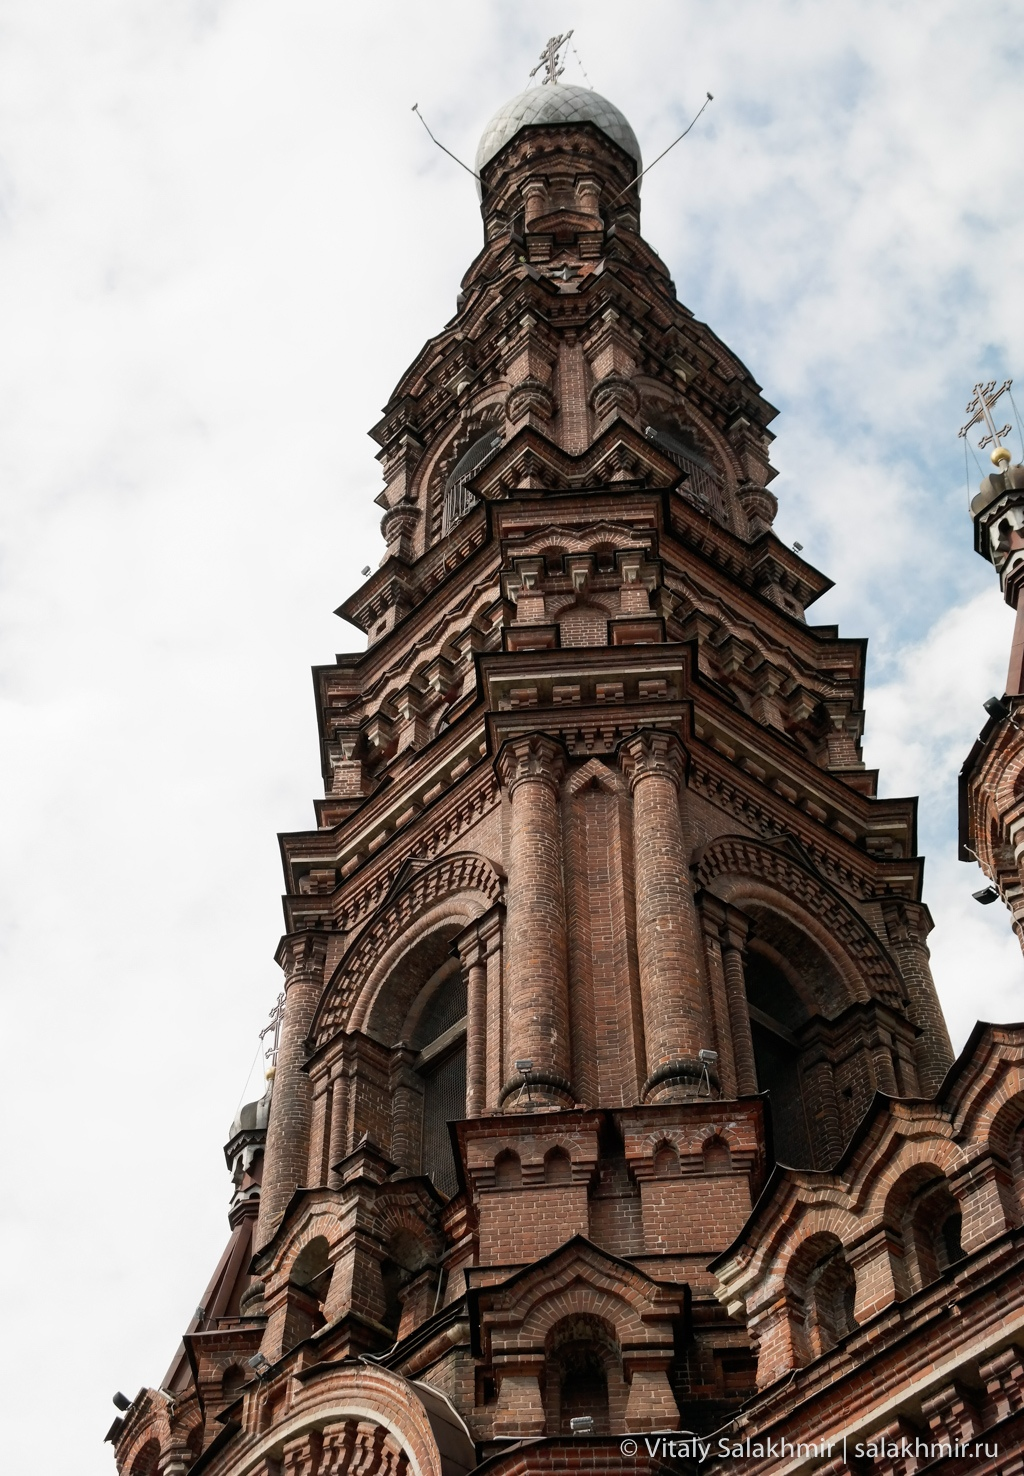 Богоявленская колокольня, Казань, улица Баума